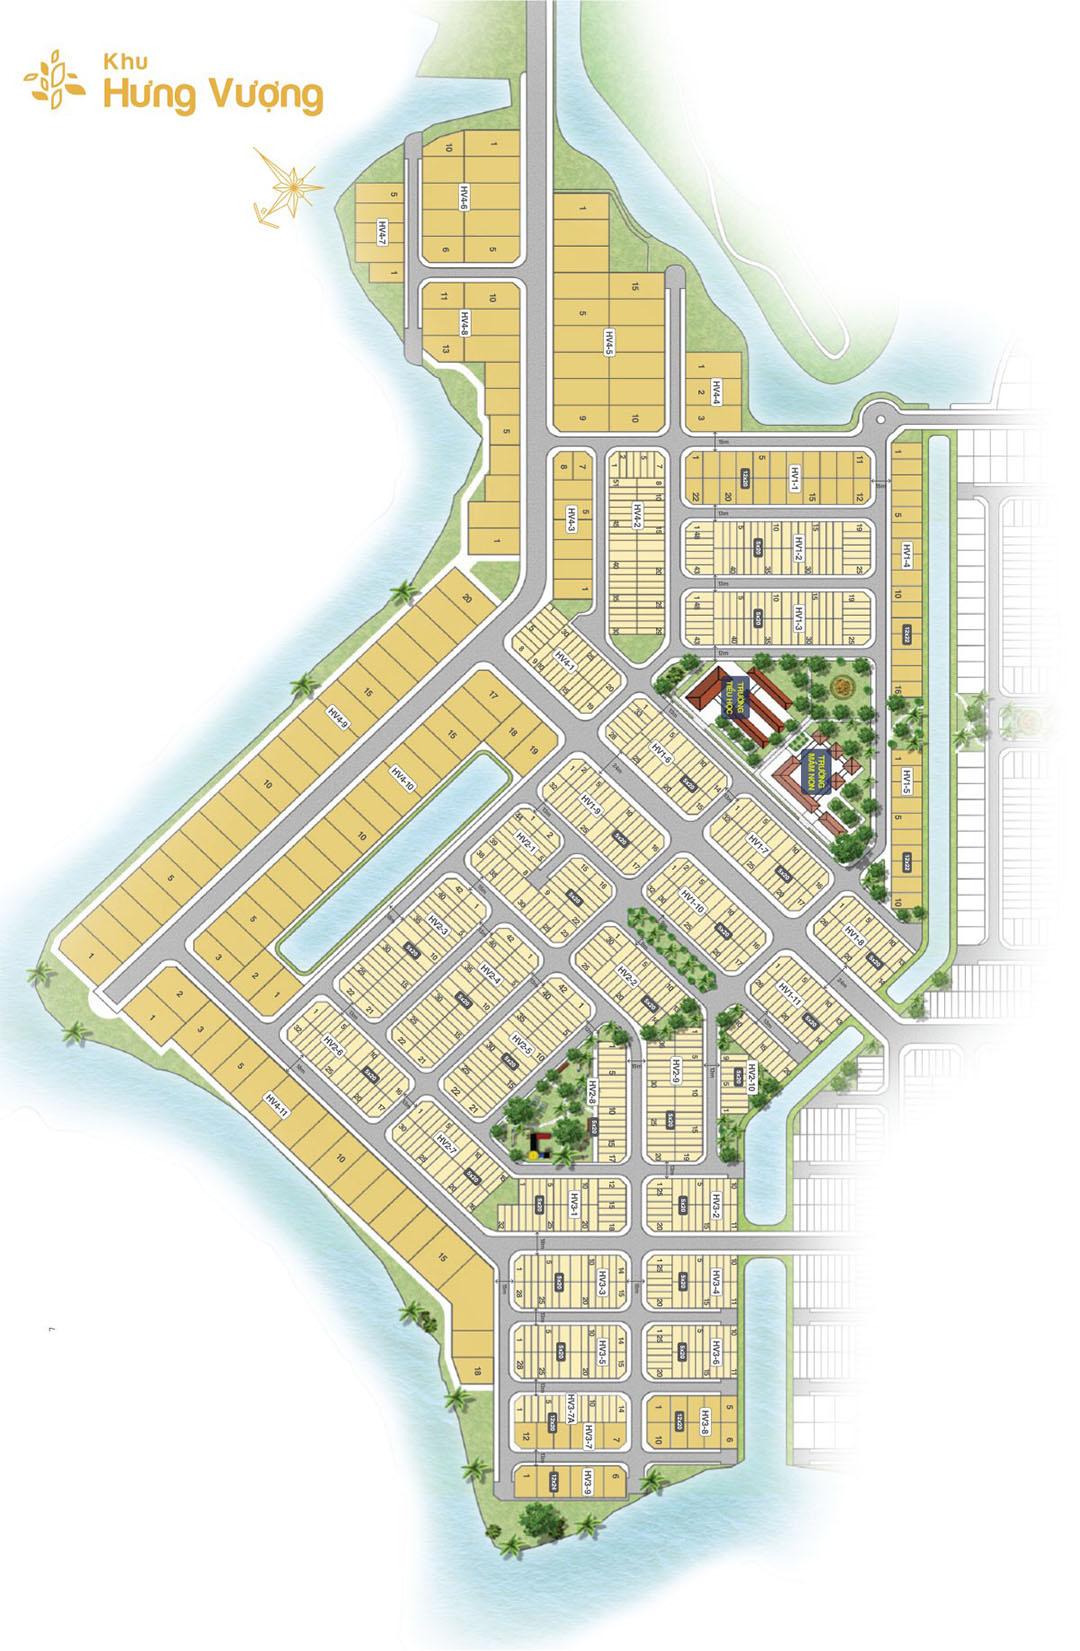 Mặt bằng khu Hưng Vượng dự án Biên Hòa New City